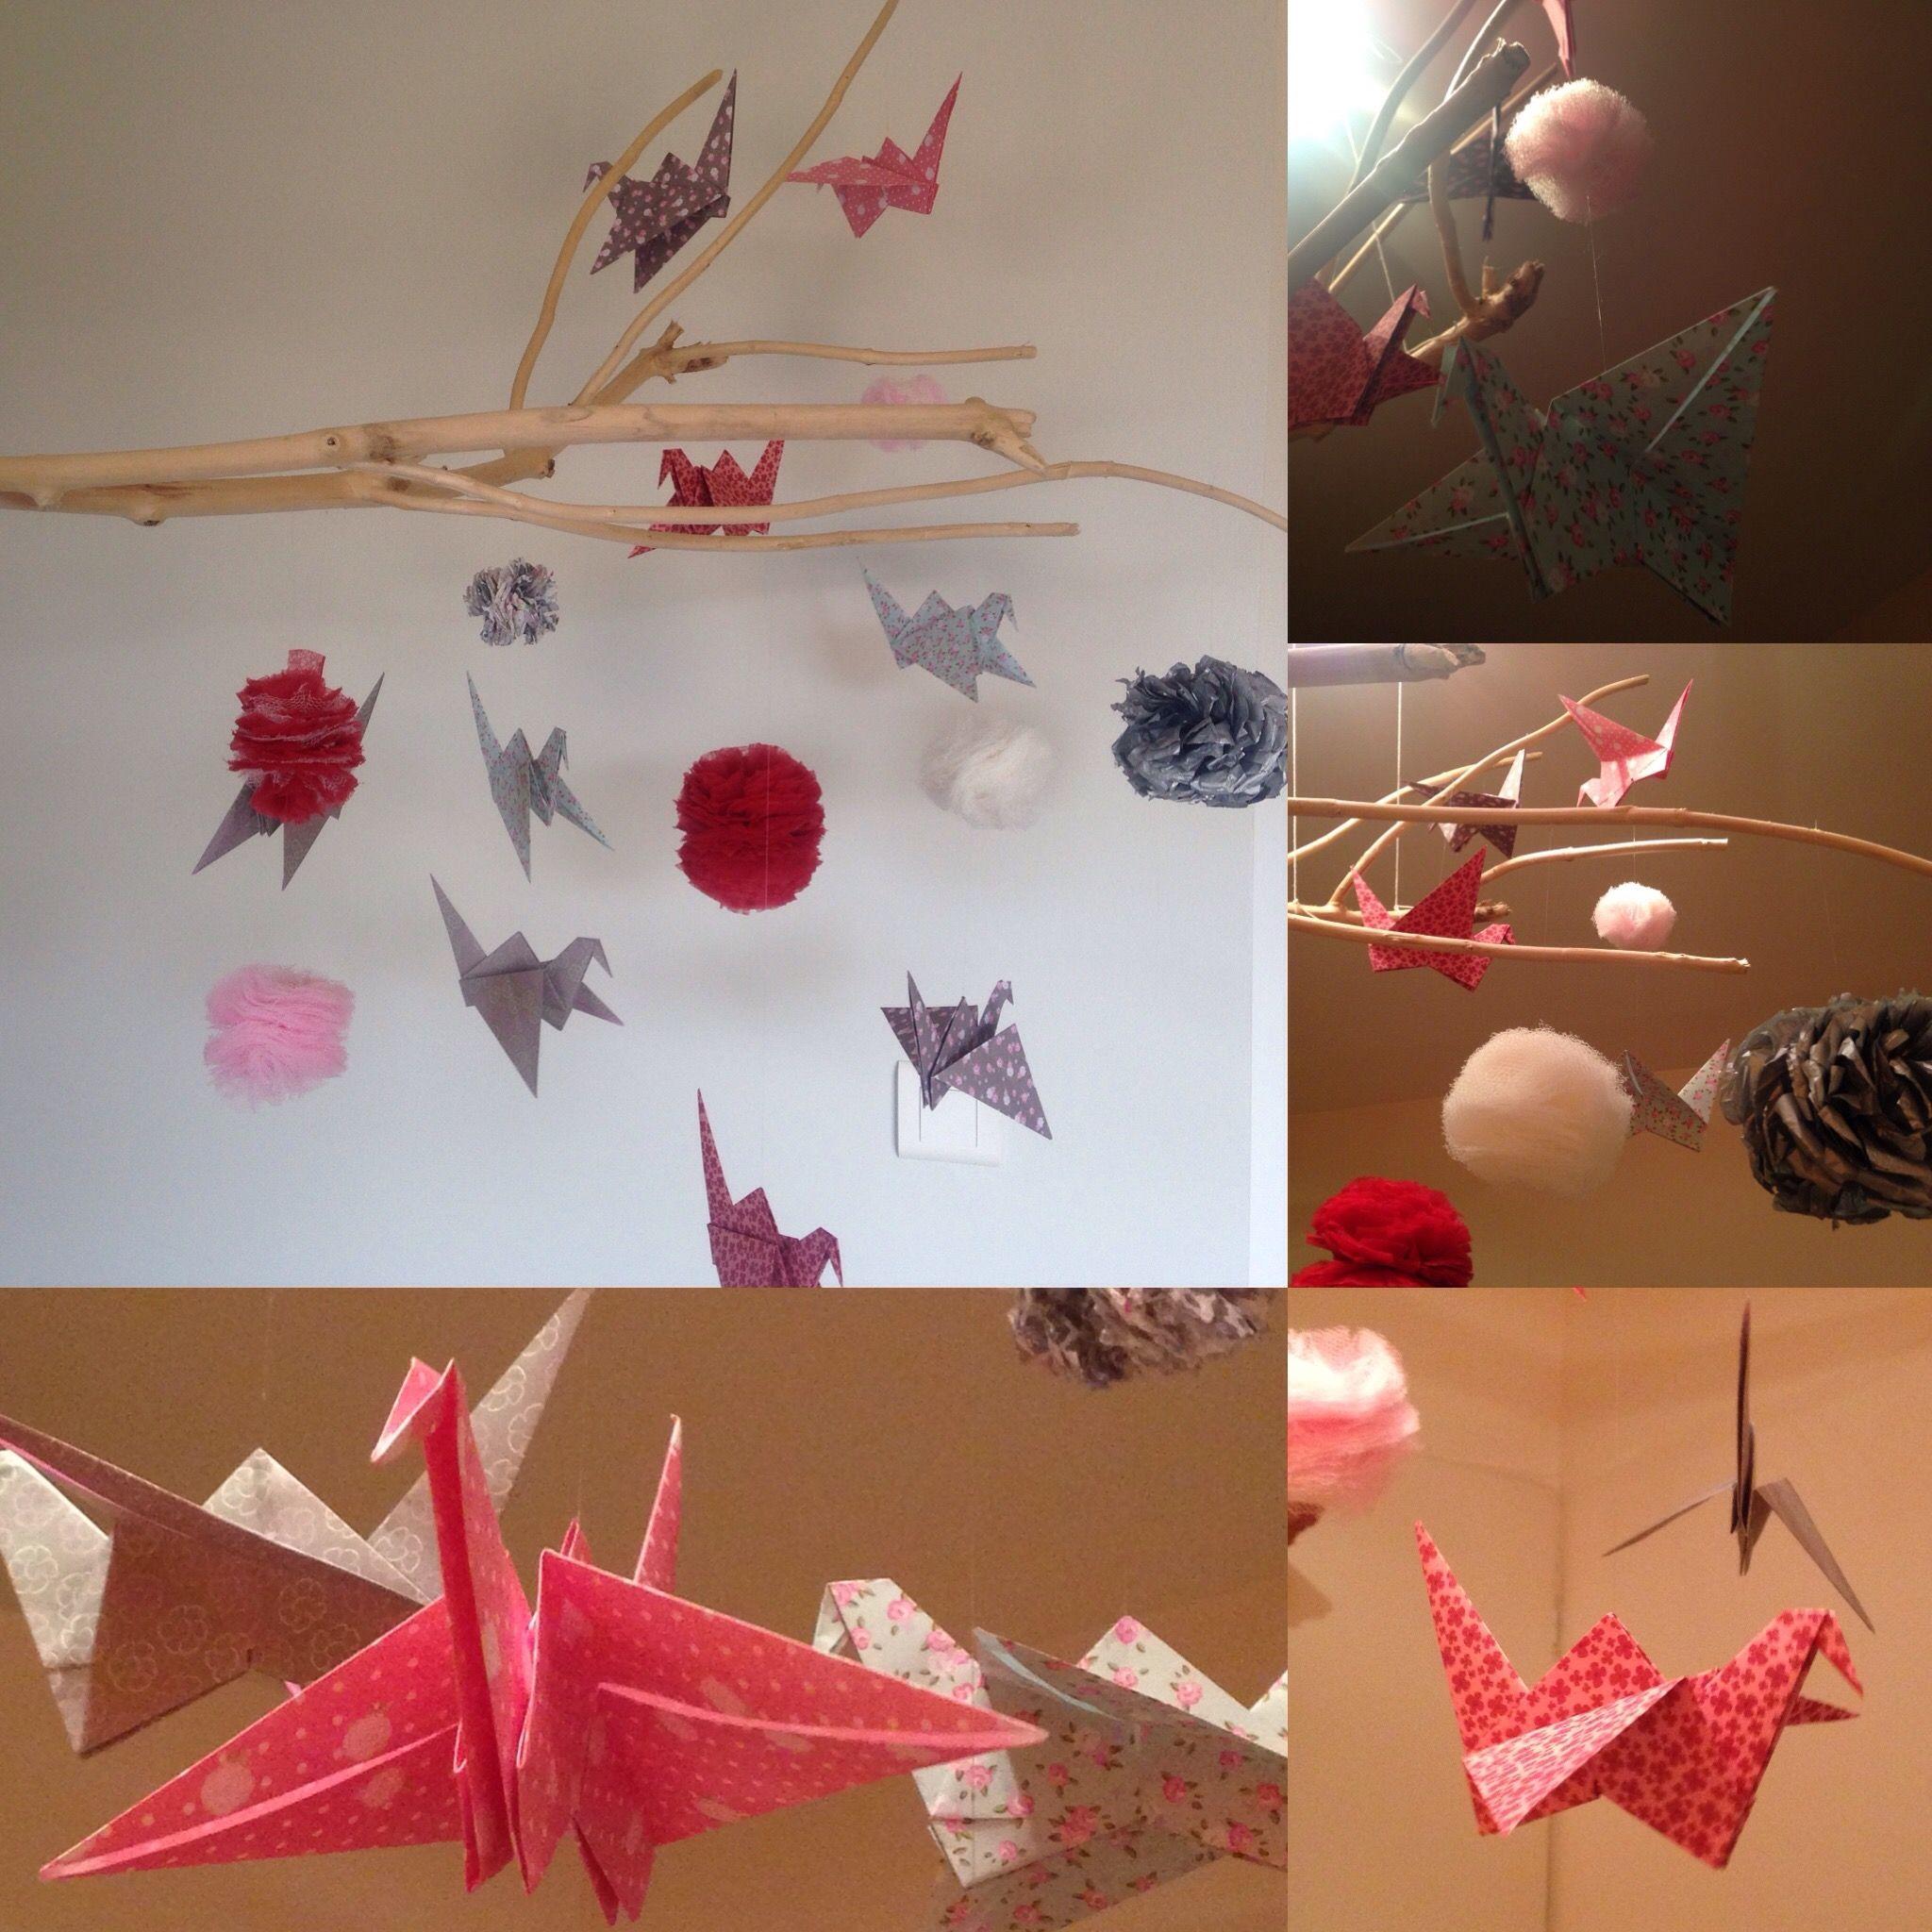 Mobile pour enfant en bois flotté, origami et pompon